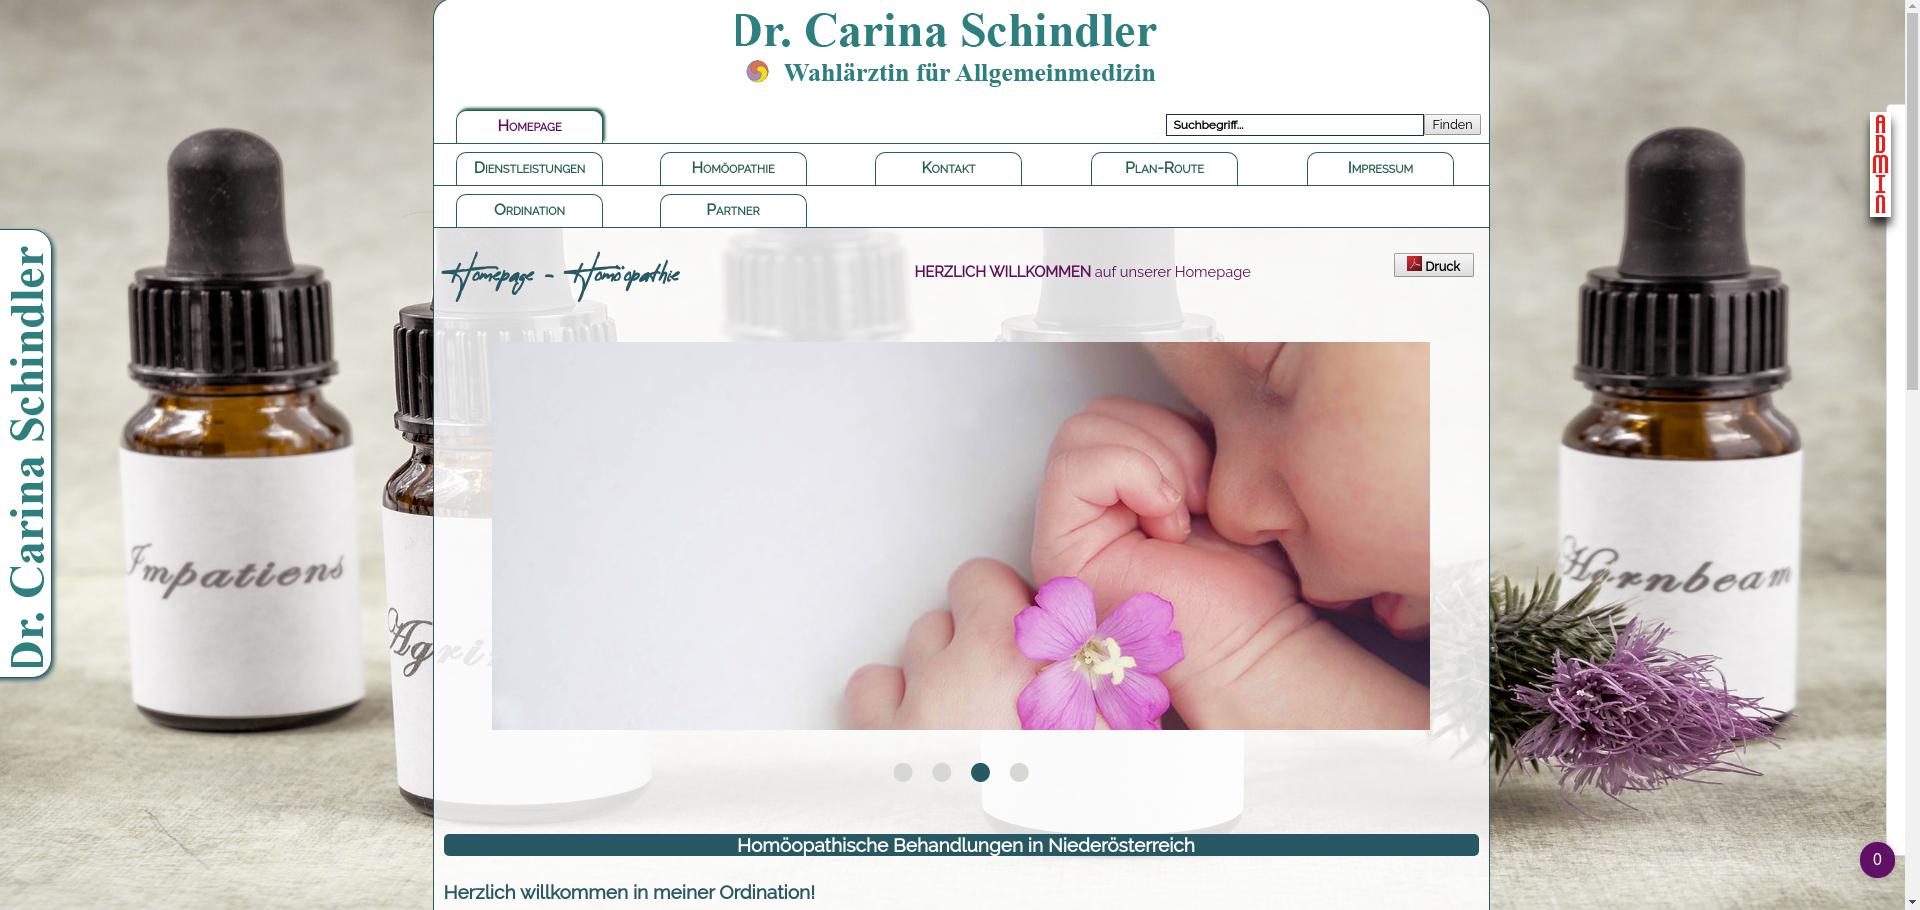 Dr. Carina Schindler homdoc